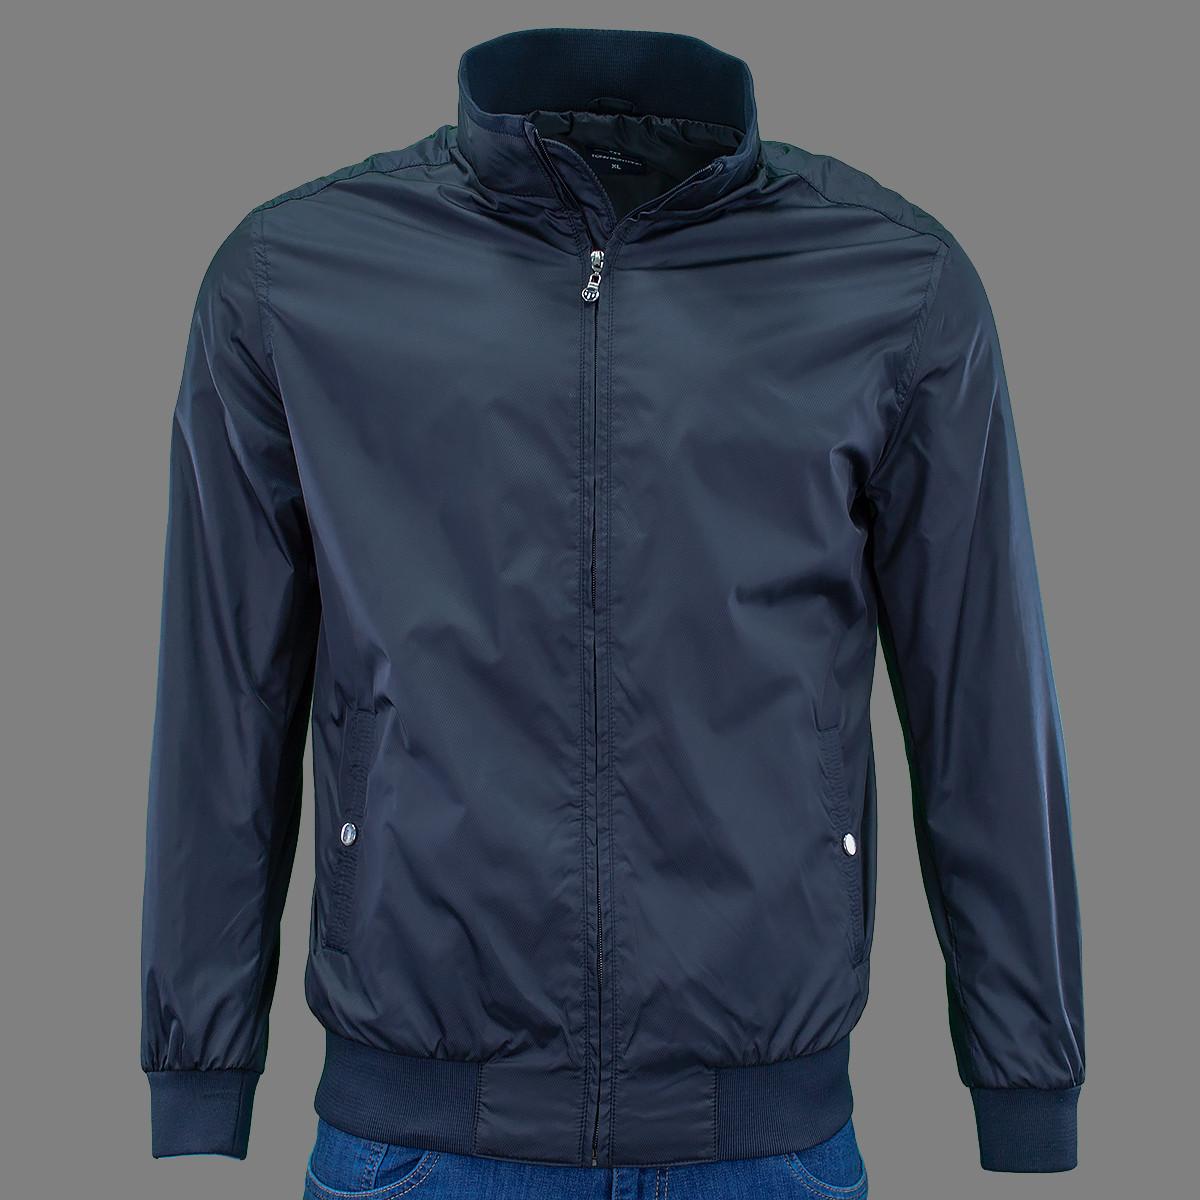 Куртка чоловіча Tony Montana 6138 K. LACI 100% поліестер L(Р)